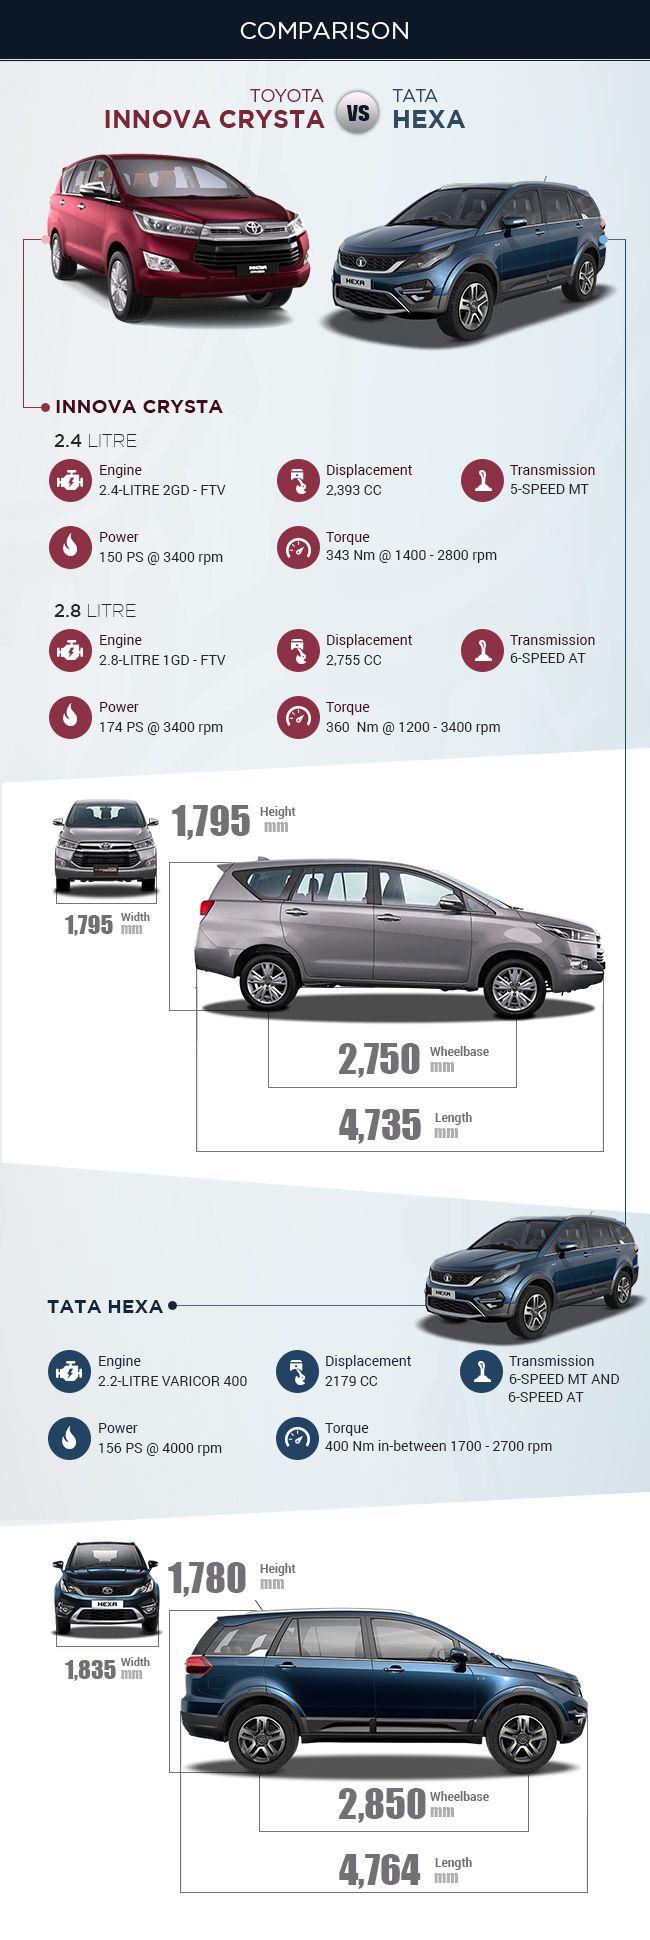 Toyota Innova Crysta vs Tata Hexa